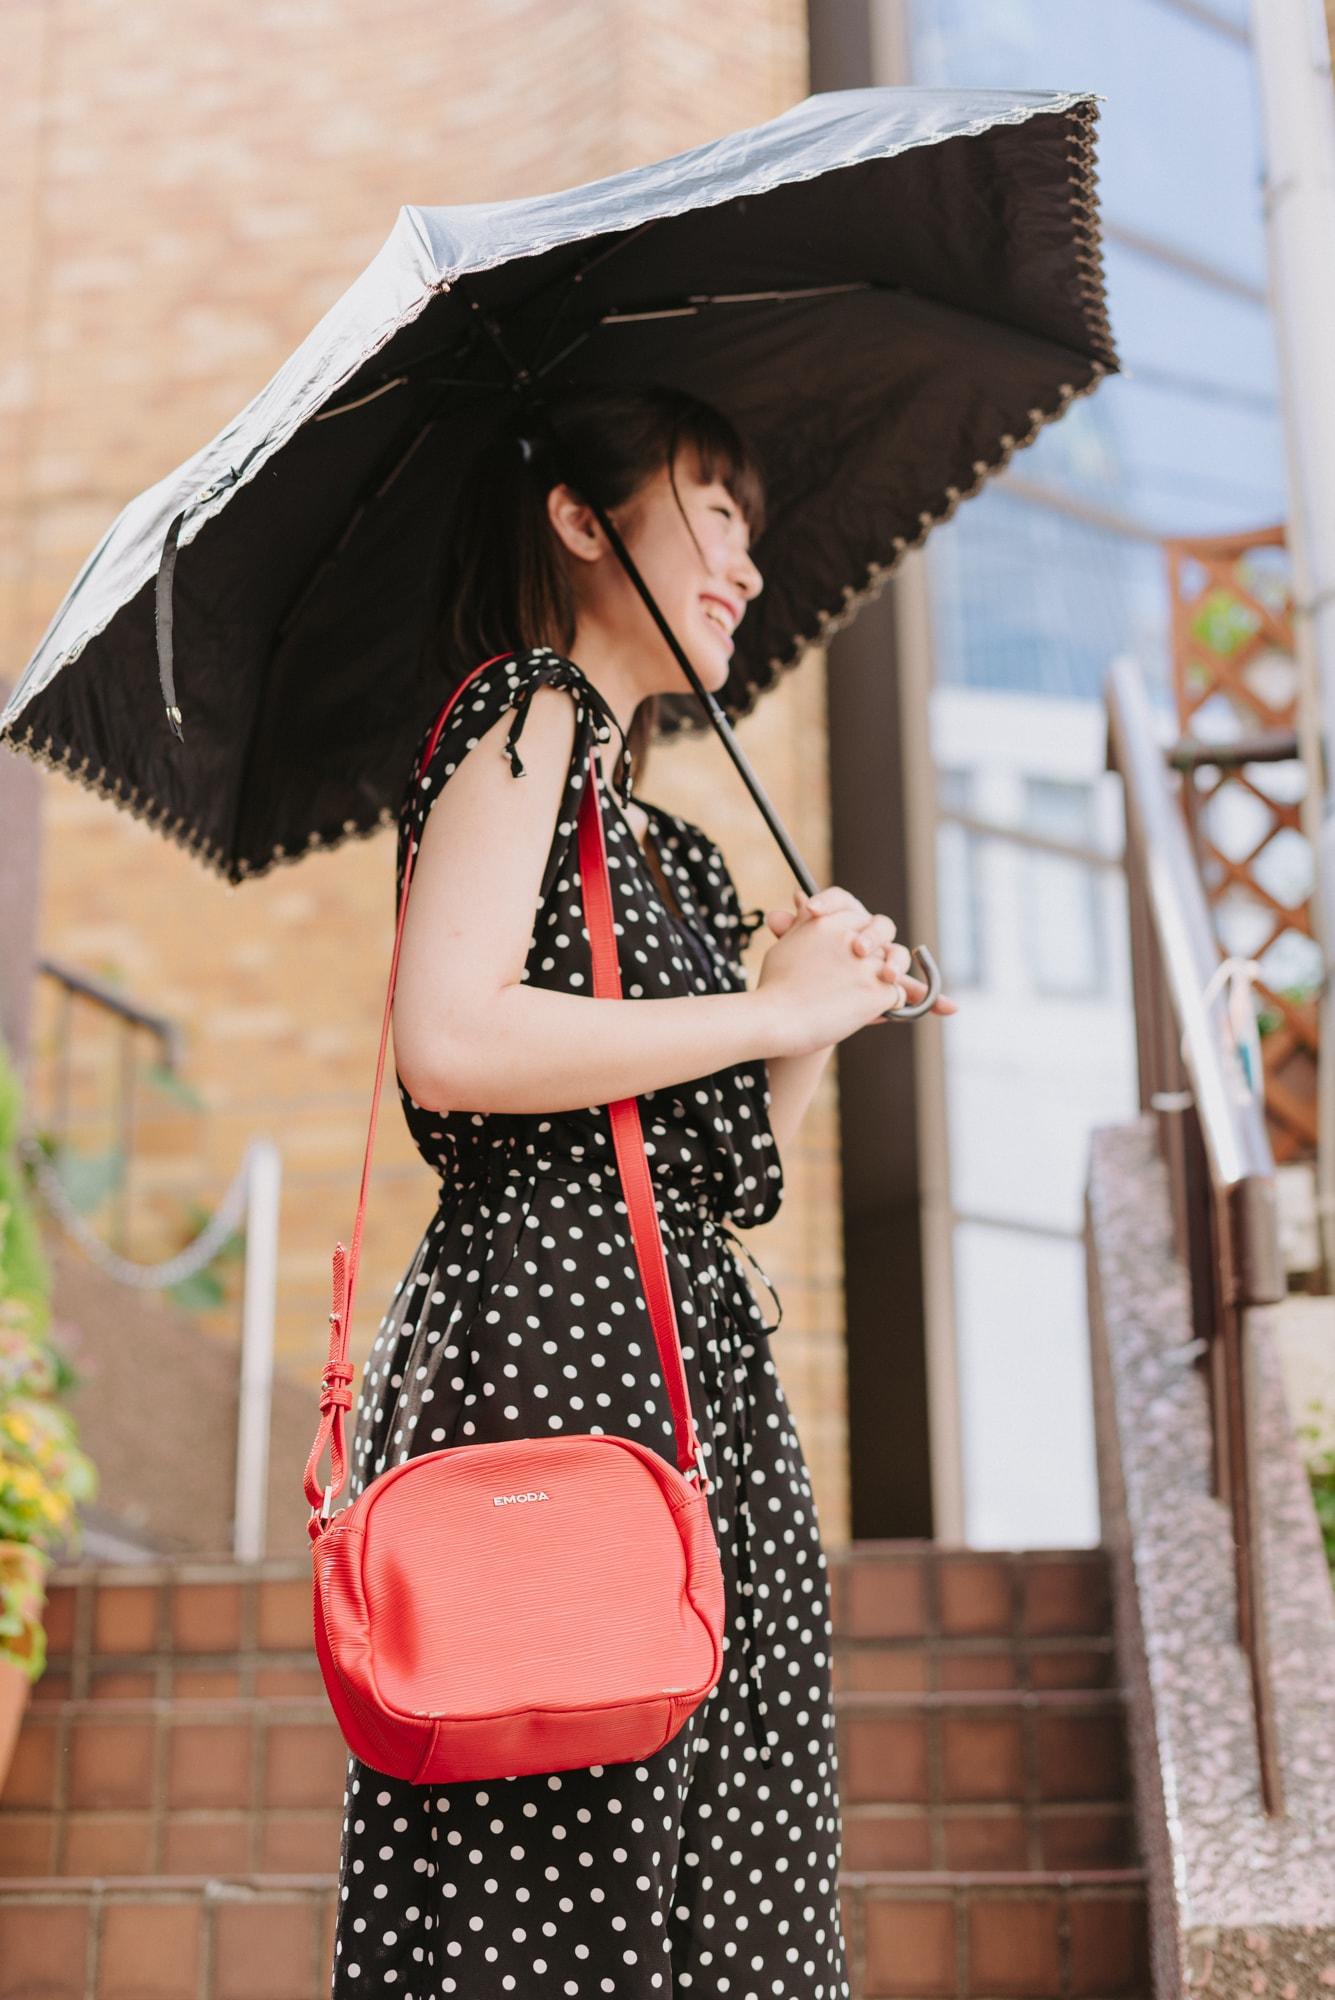 女子高生の最新ファッショントレンドをチェック!モデル・佐久間乃愛ちゃんによる街頭インタビューレポート!